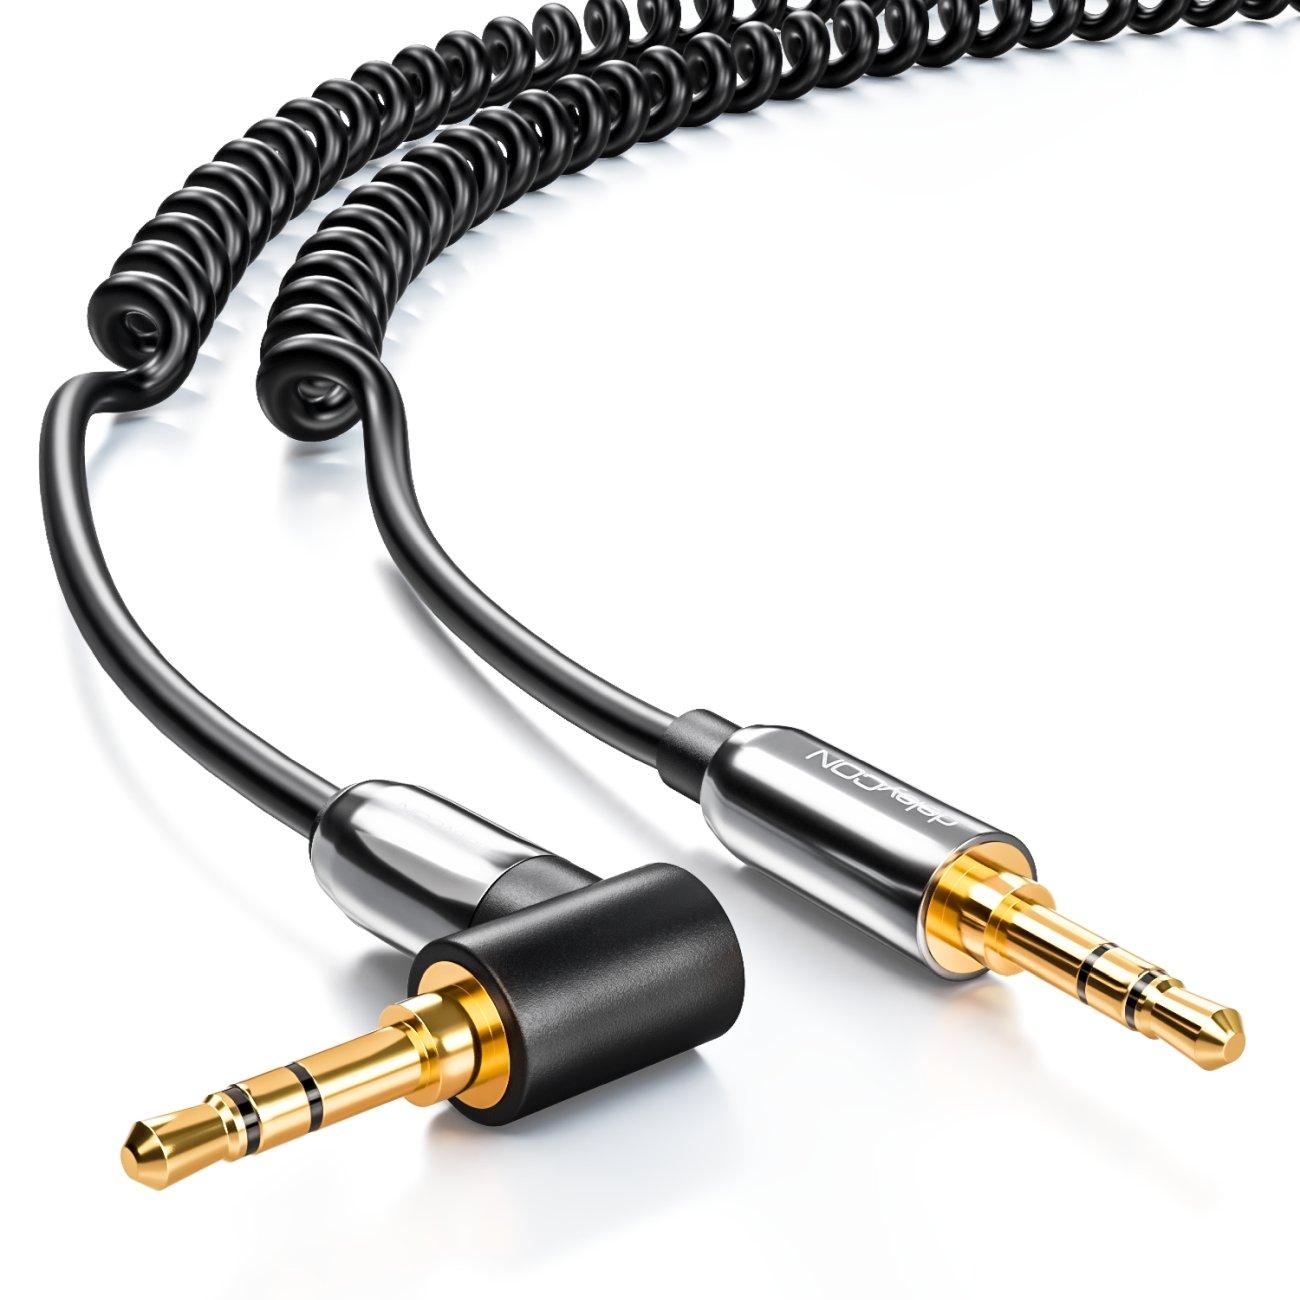 Cable jack en espiral deleyCON PREMIUM de 2m - conector jack de 3, 5 mm macho-macho 90° - audio estéreo - conector bañado en oro 5 mm macho-macho 90° - audio estéreo - conector bañado en oro MK1004